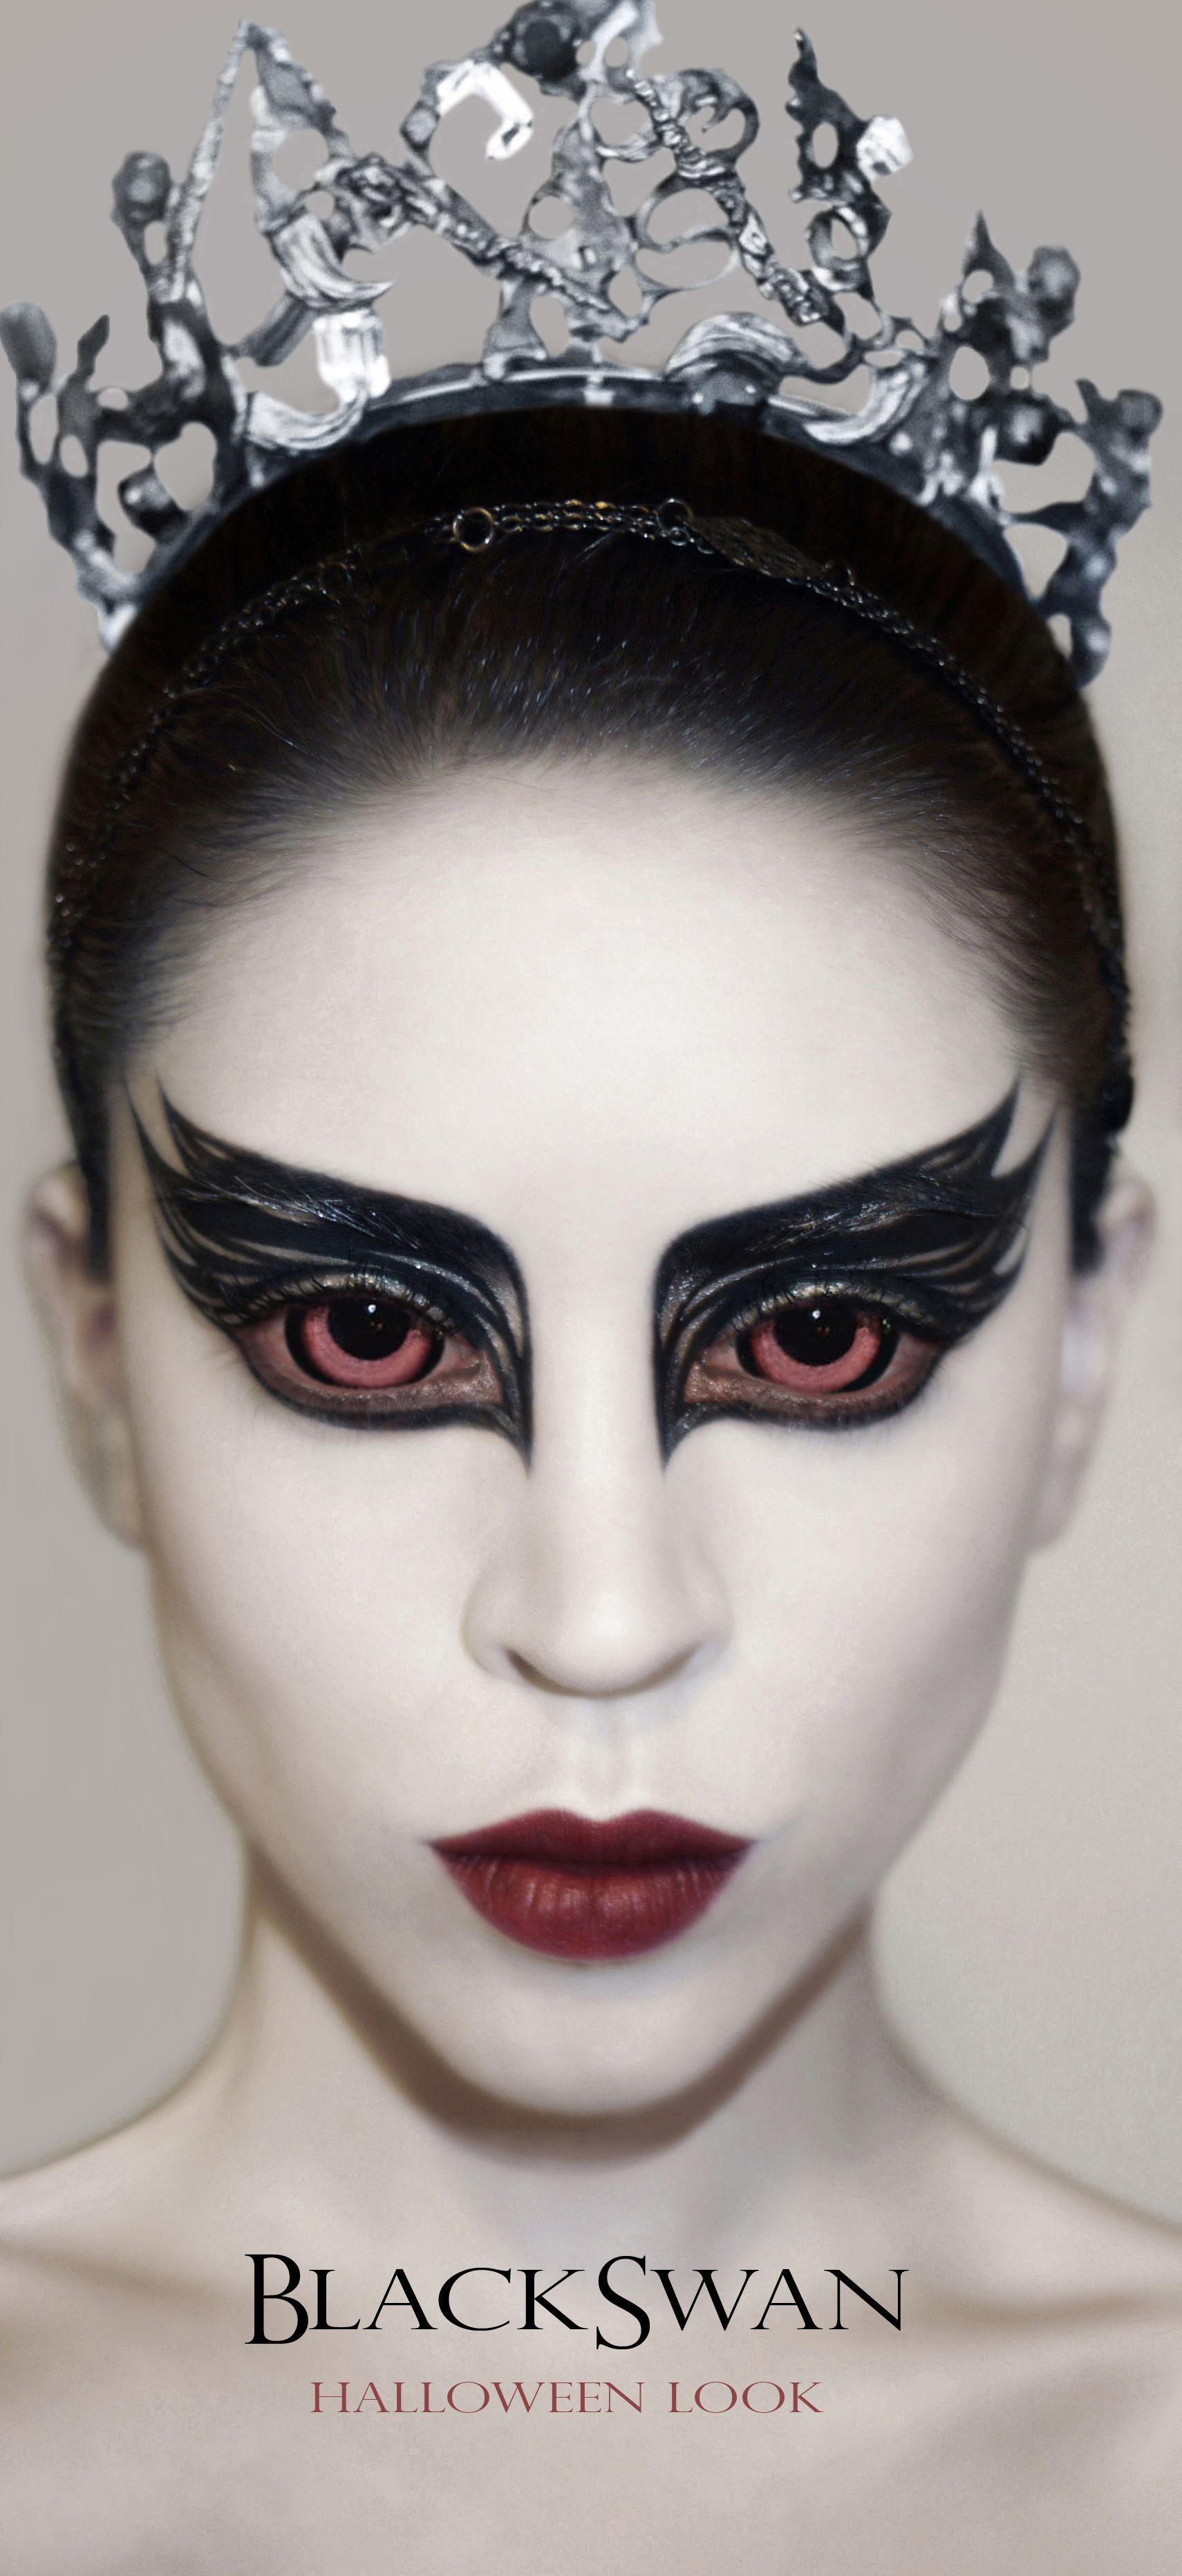 Pin by Danielle Krusing on Halloween makeup ideas  5d9de6145c